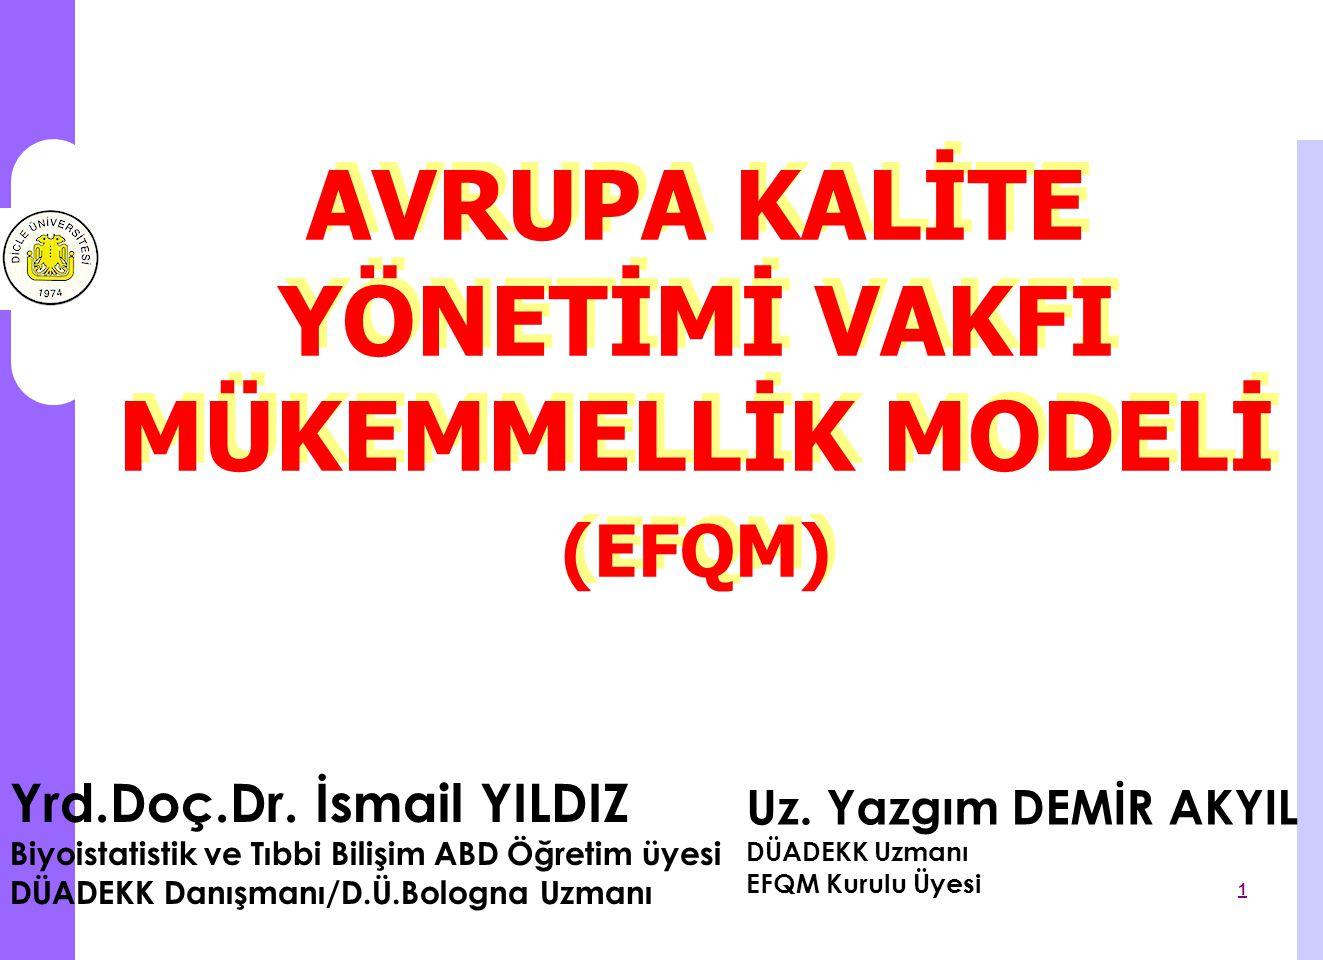 EFQM Mükemmellik Modeli 22 Yayılım Yayılım bir Kuruluşun yaklaşımını yaşama geçirmek için neler yaptığını içerir.